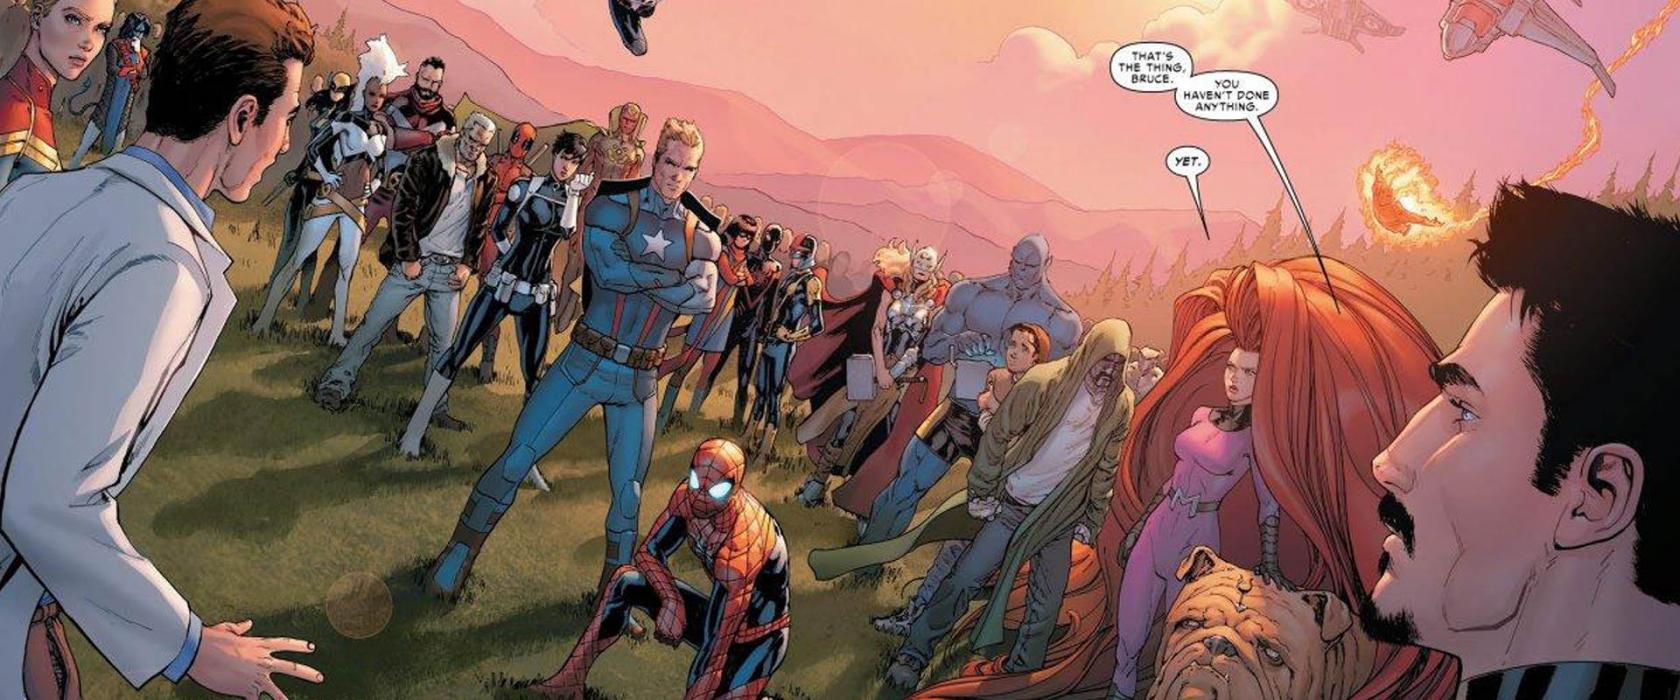 Cómic de Civil War